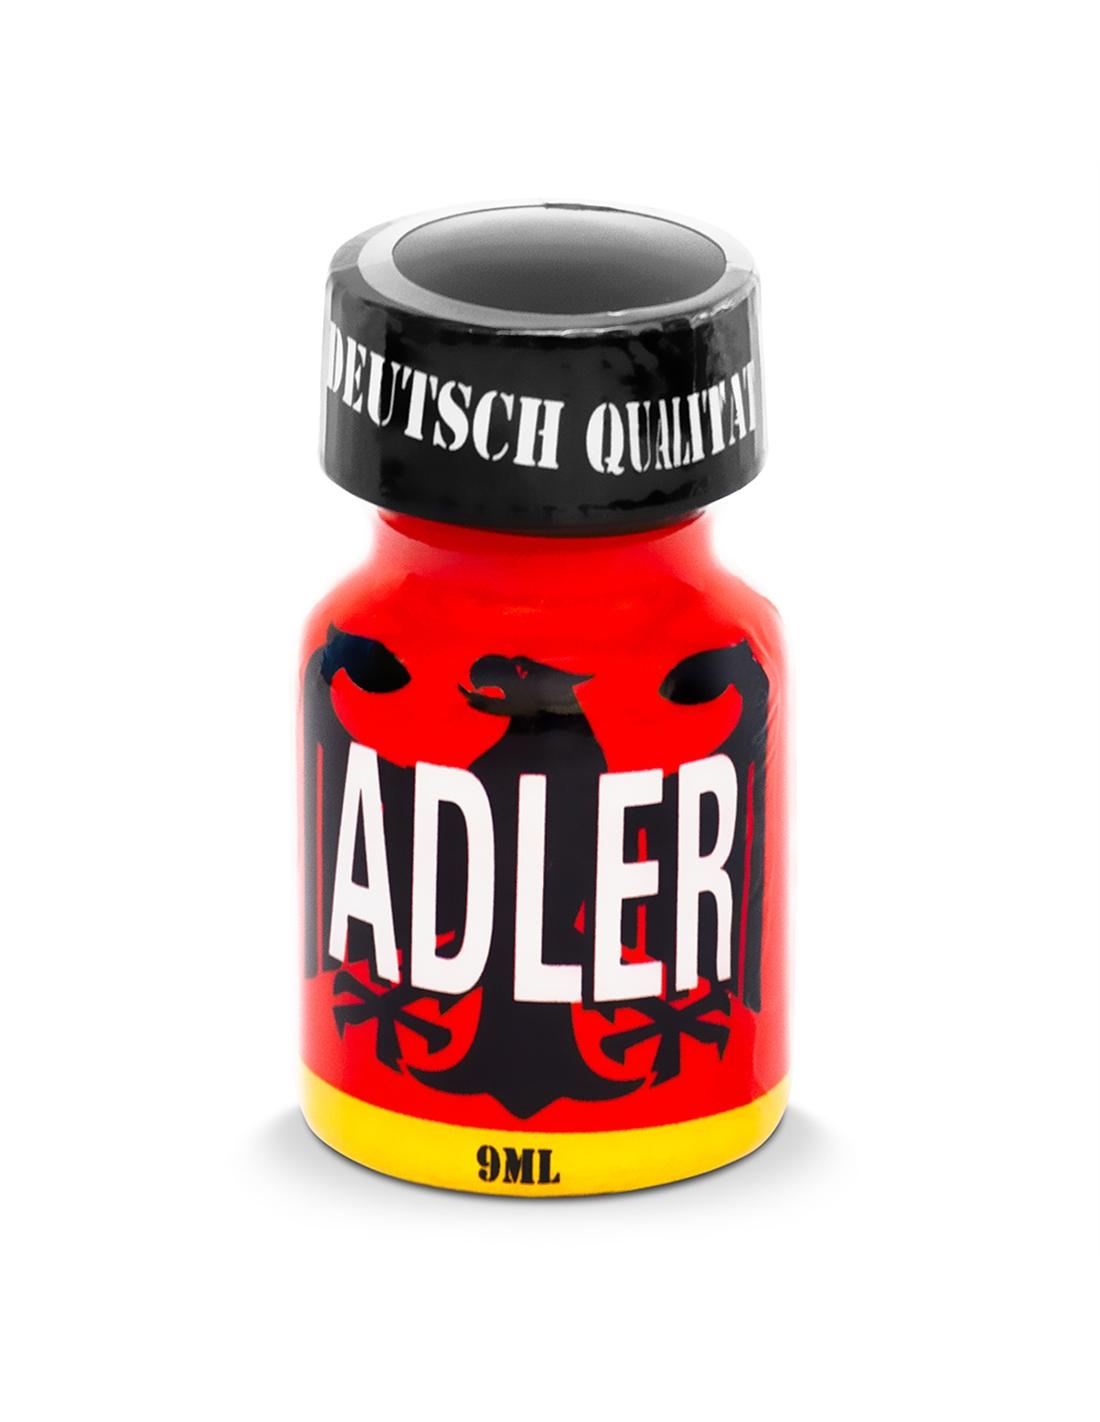 Adler Popper 9ml - 9ml - PR2010334016